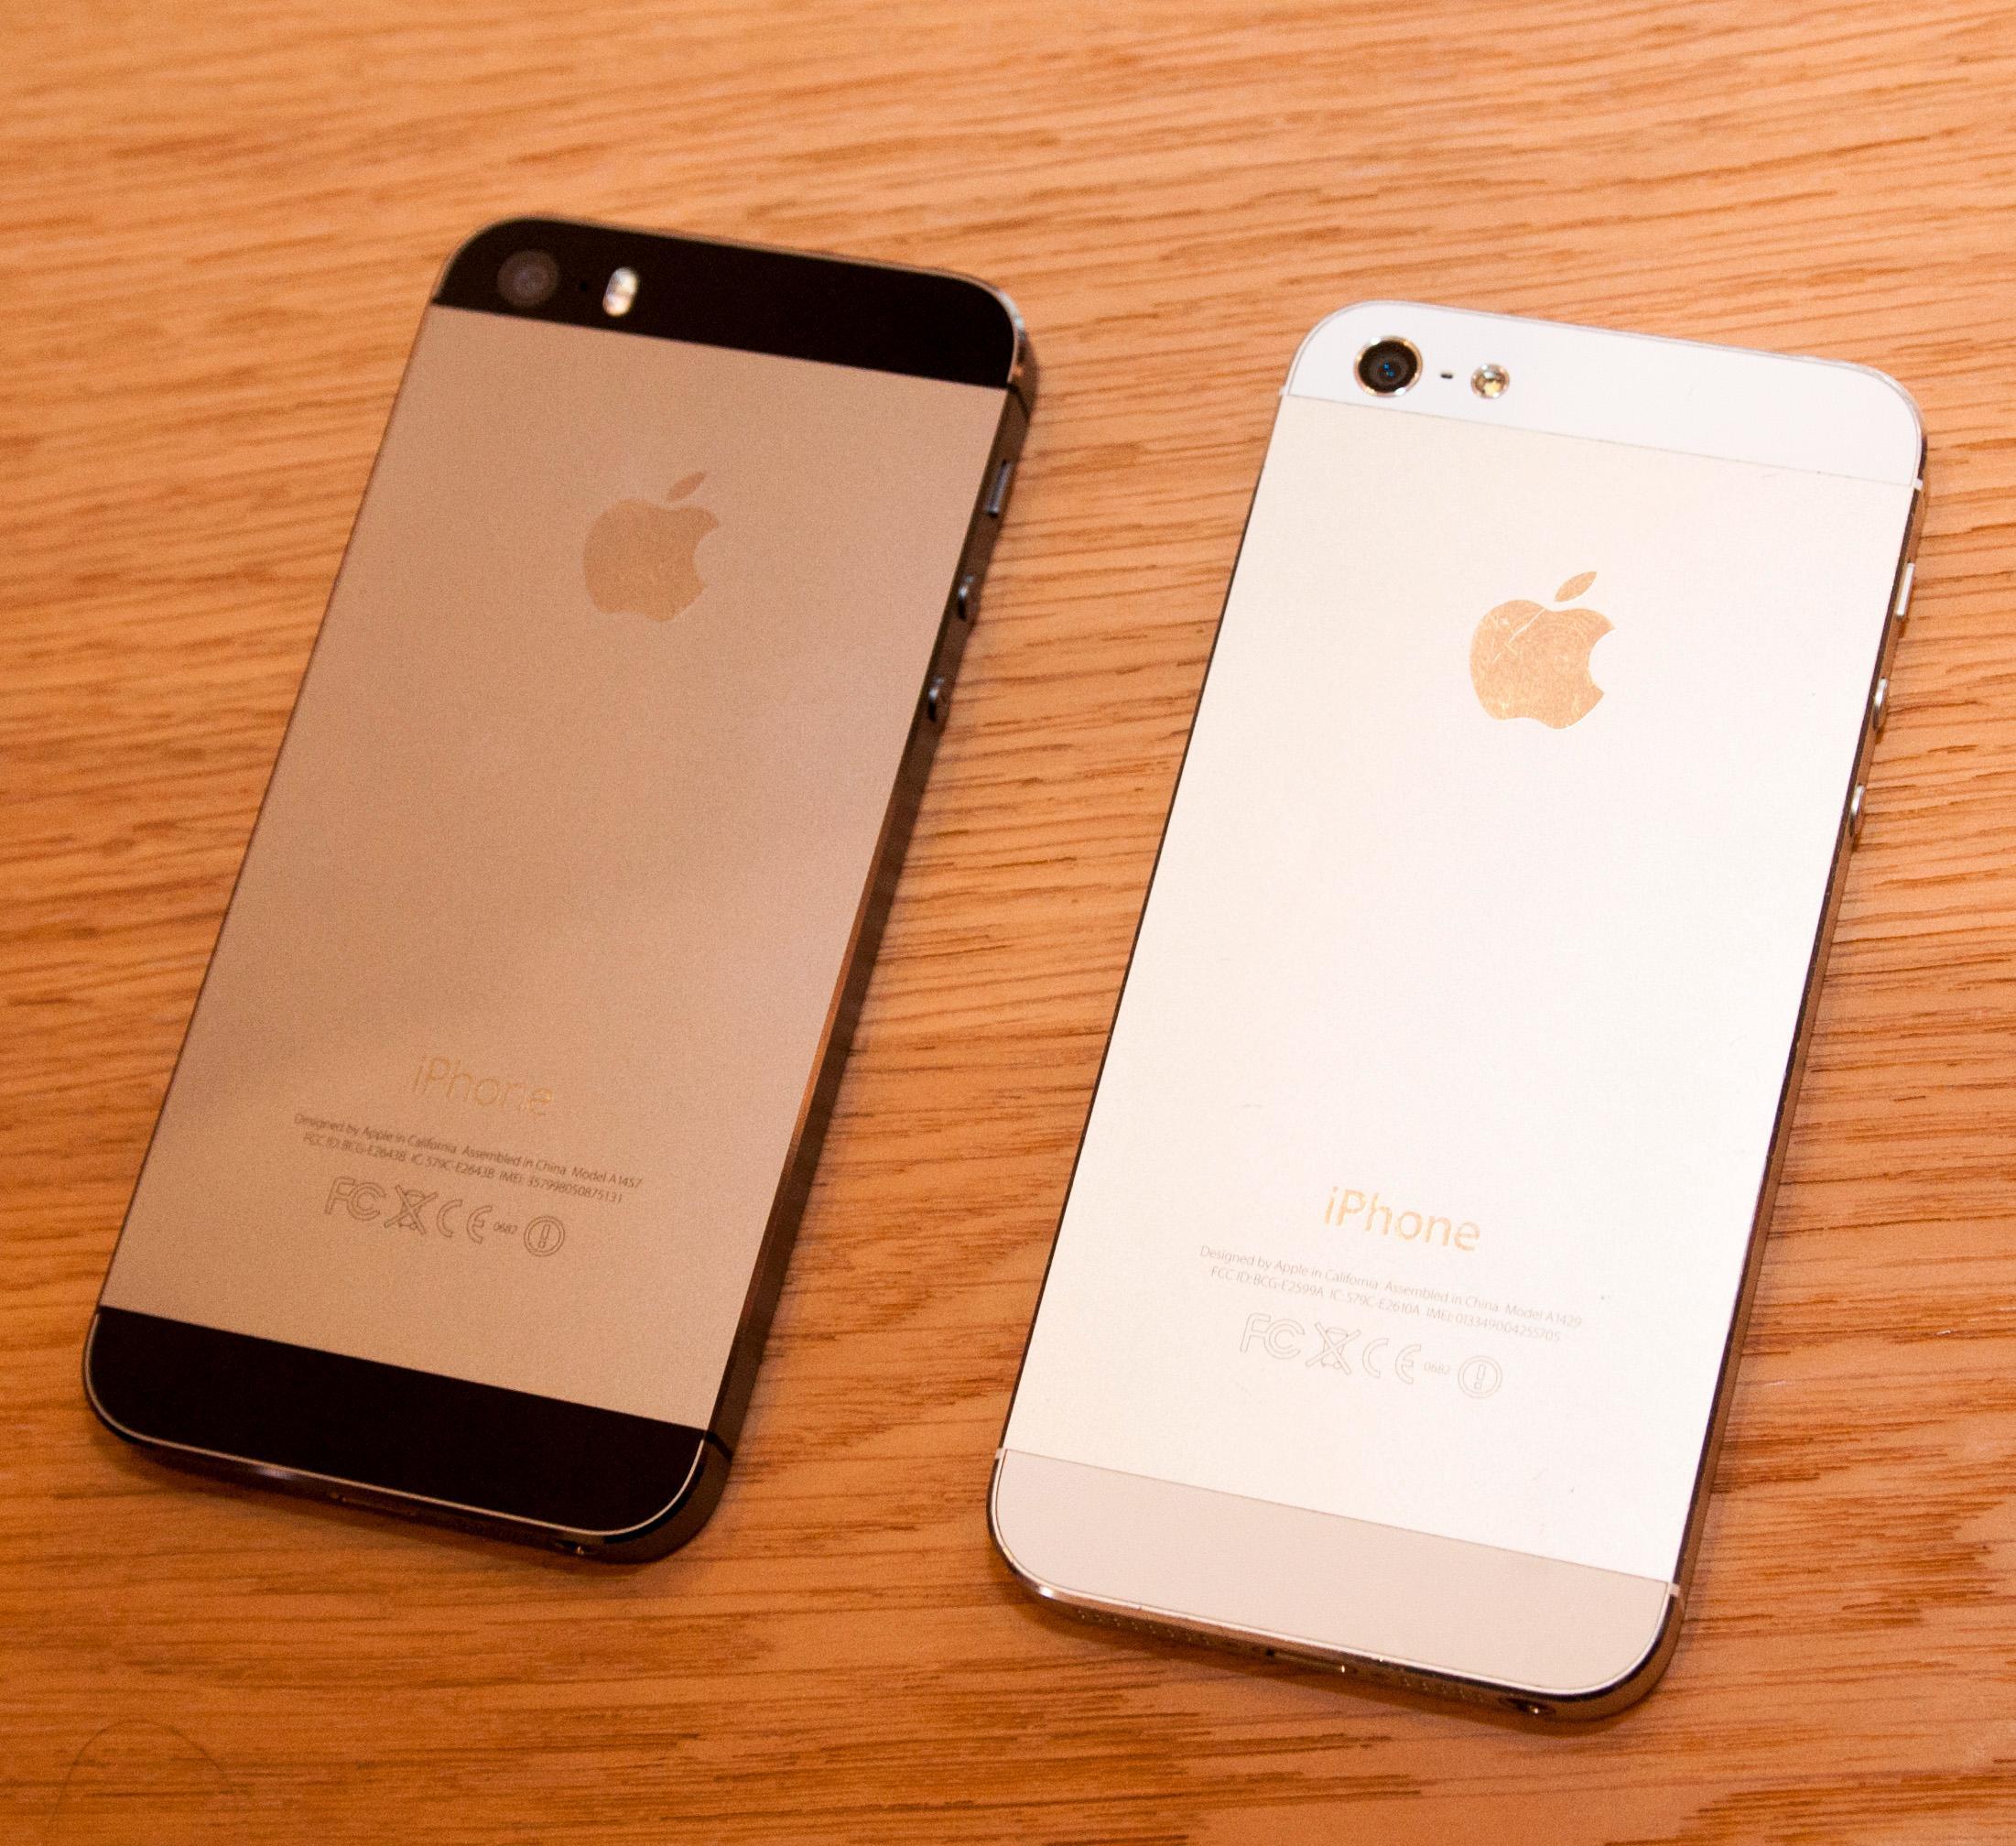 Vi fikk aller nådigst lov til å ta et bilde av iPhone 5S ved siden av fjorårets iPhone 5. Det var ikke tillatt å sammenlikne den direkte mot andre telefoner.Foto: Finn Jarle Kvalheim, Amobil.no